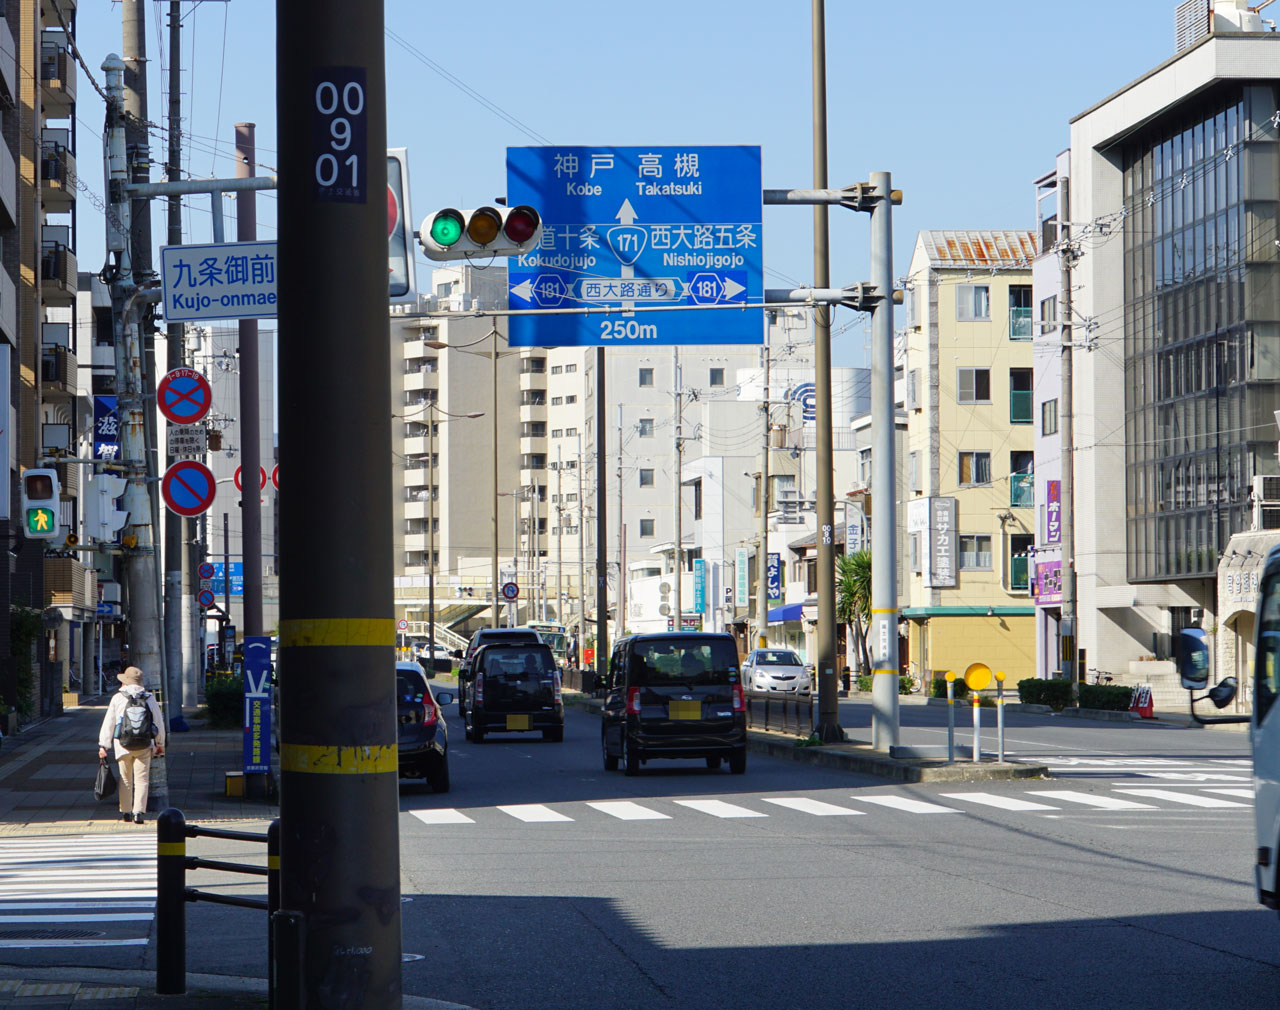 f:id:kimura_khs:20201206181900j:plain